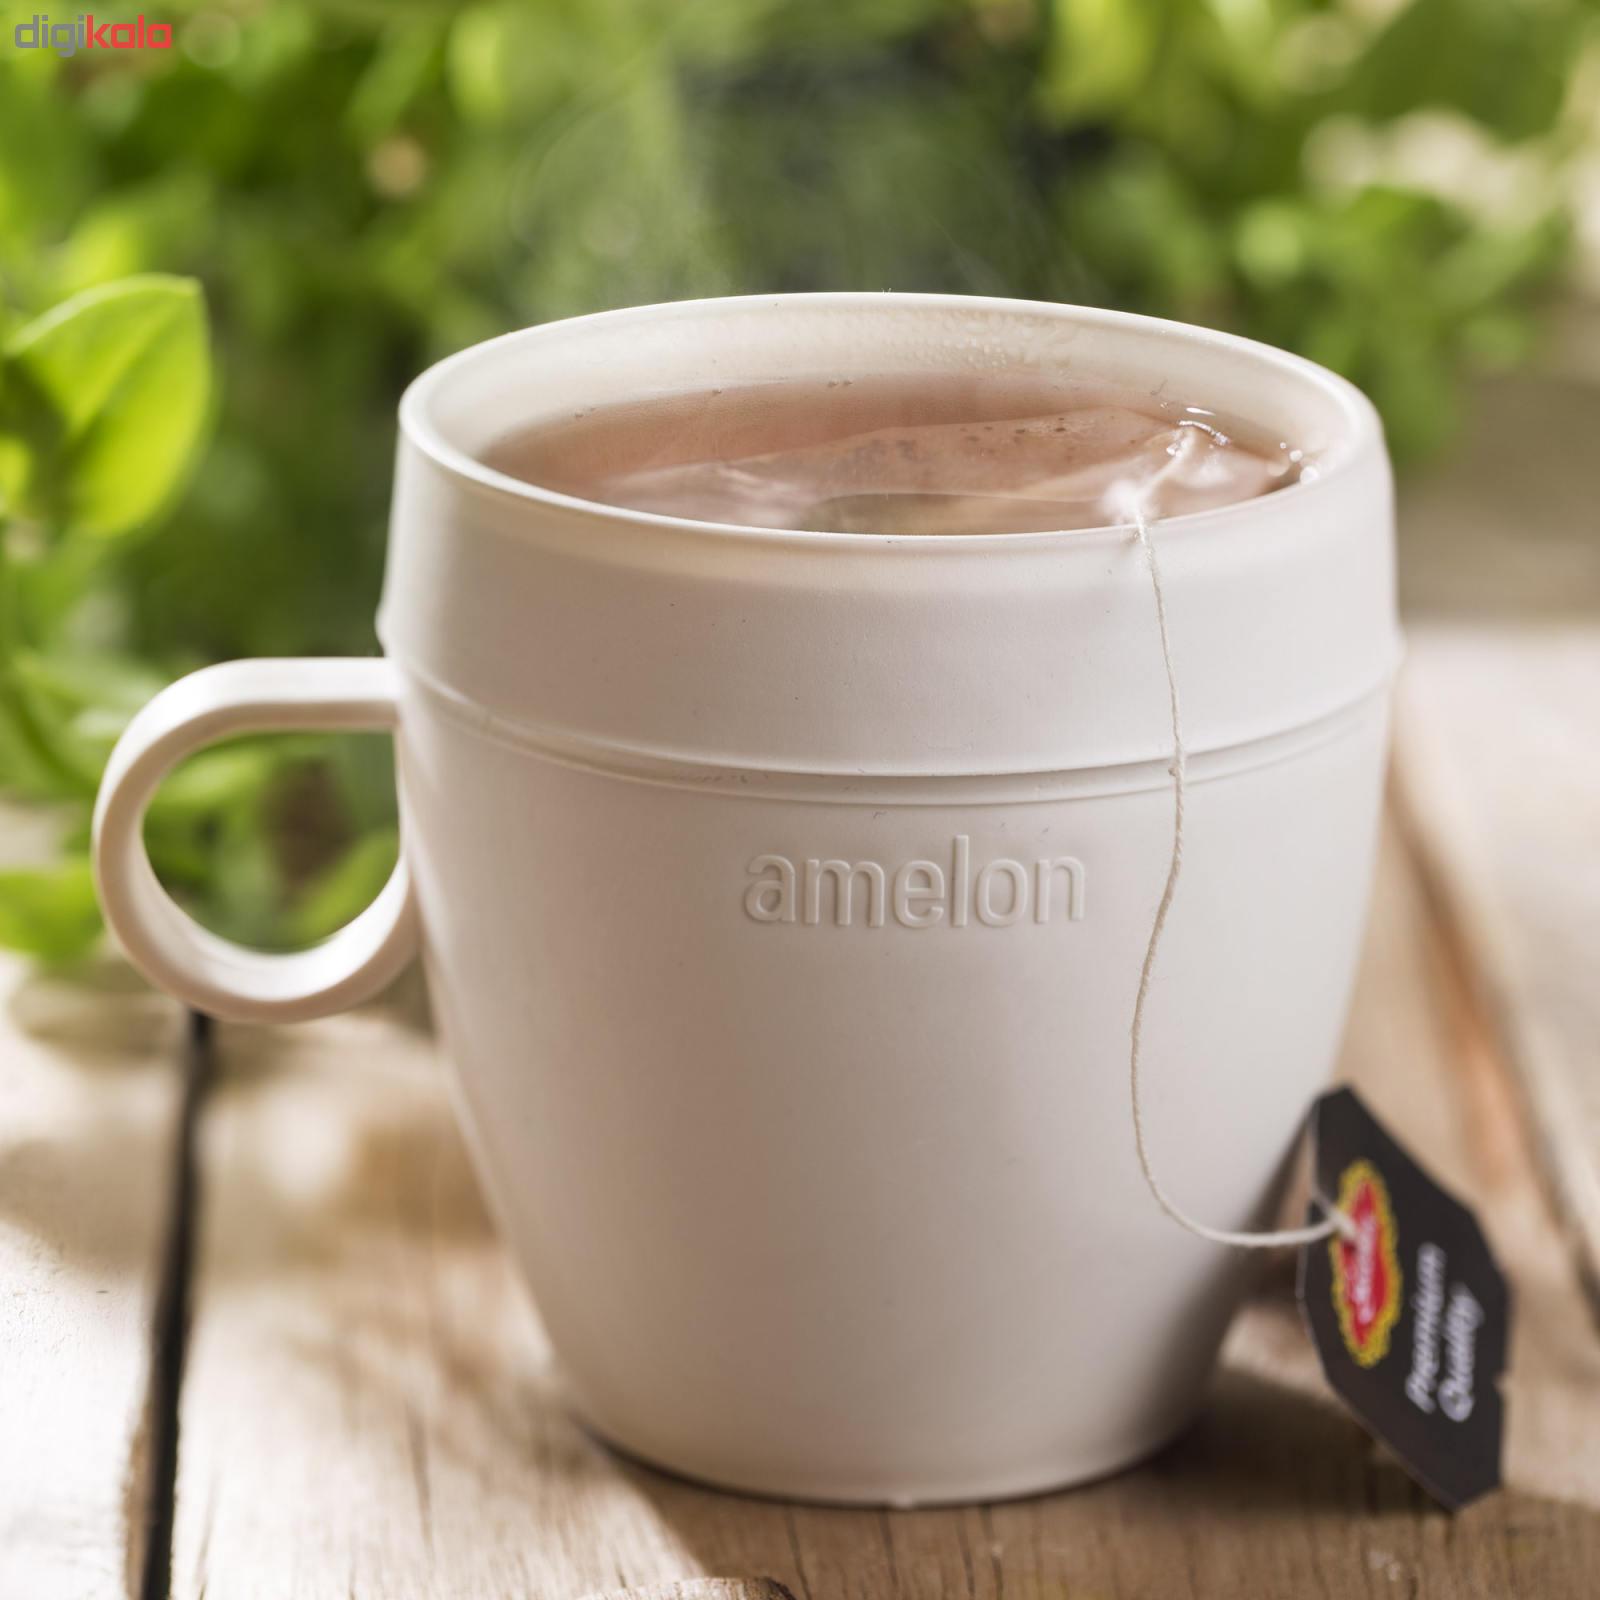 خرید اینترنتی فنجان یکبار مصرف آملون مدل AML-FEN-2+24 بسته 24 عددی به همراه 2 پایه فنجان